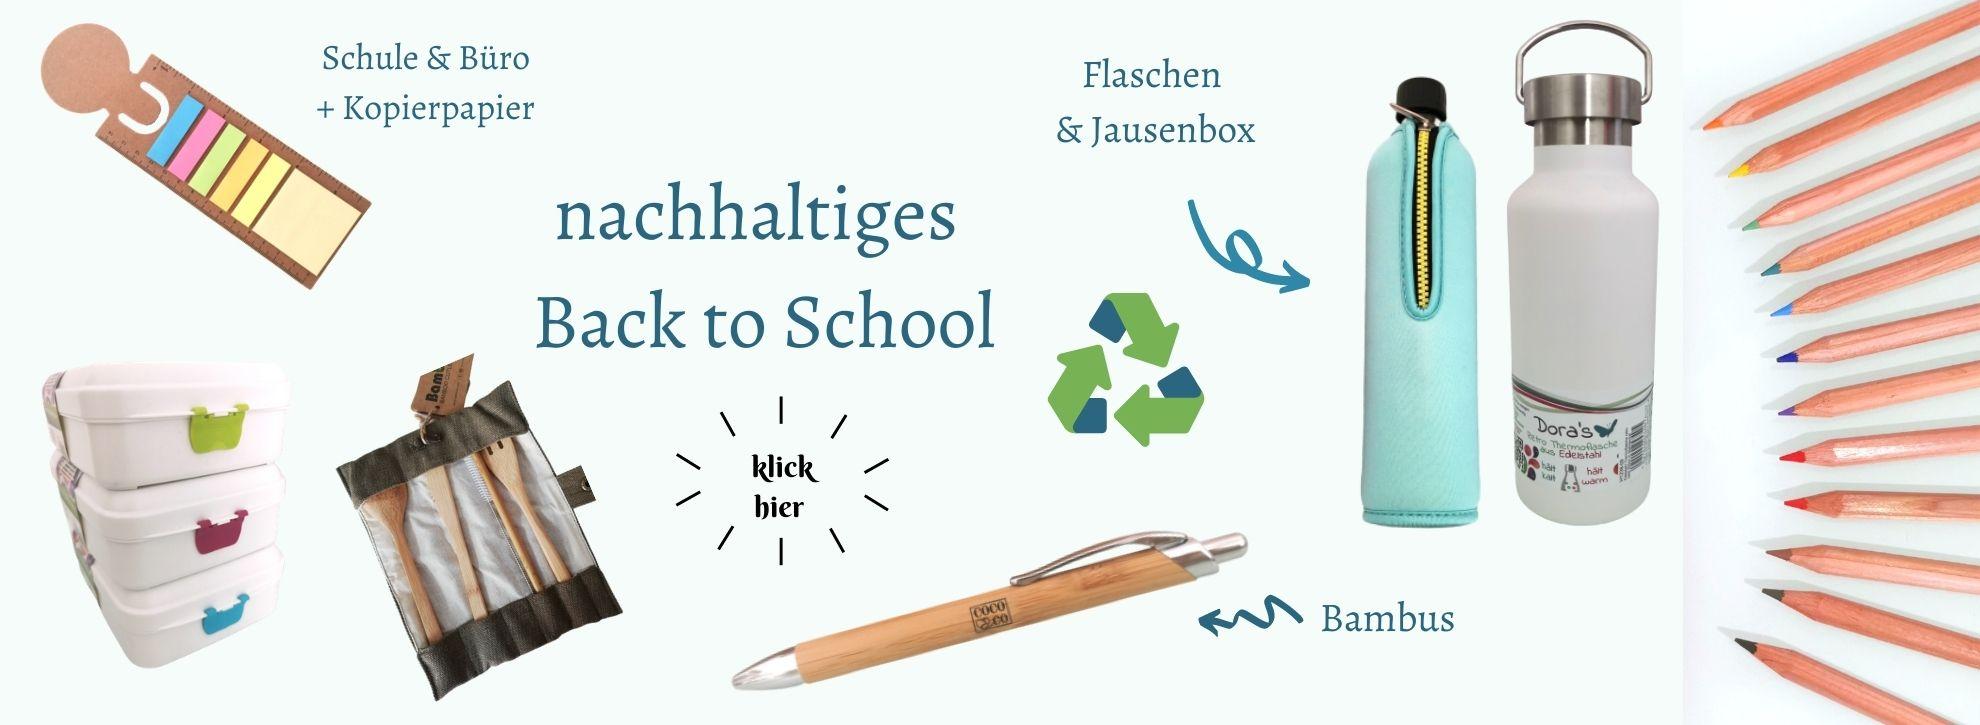 nachhaltig in die Schule und ins Büro recycling natürlich